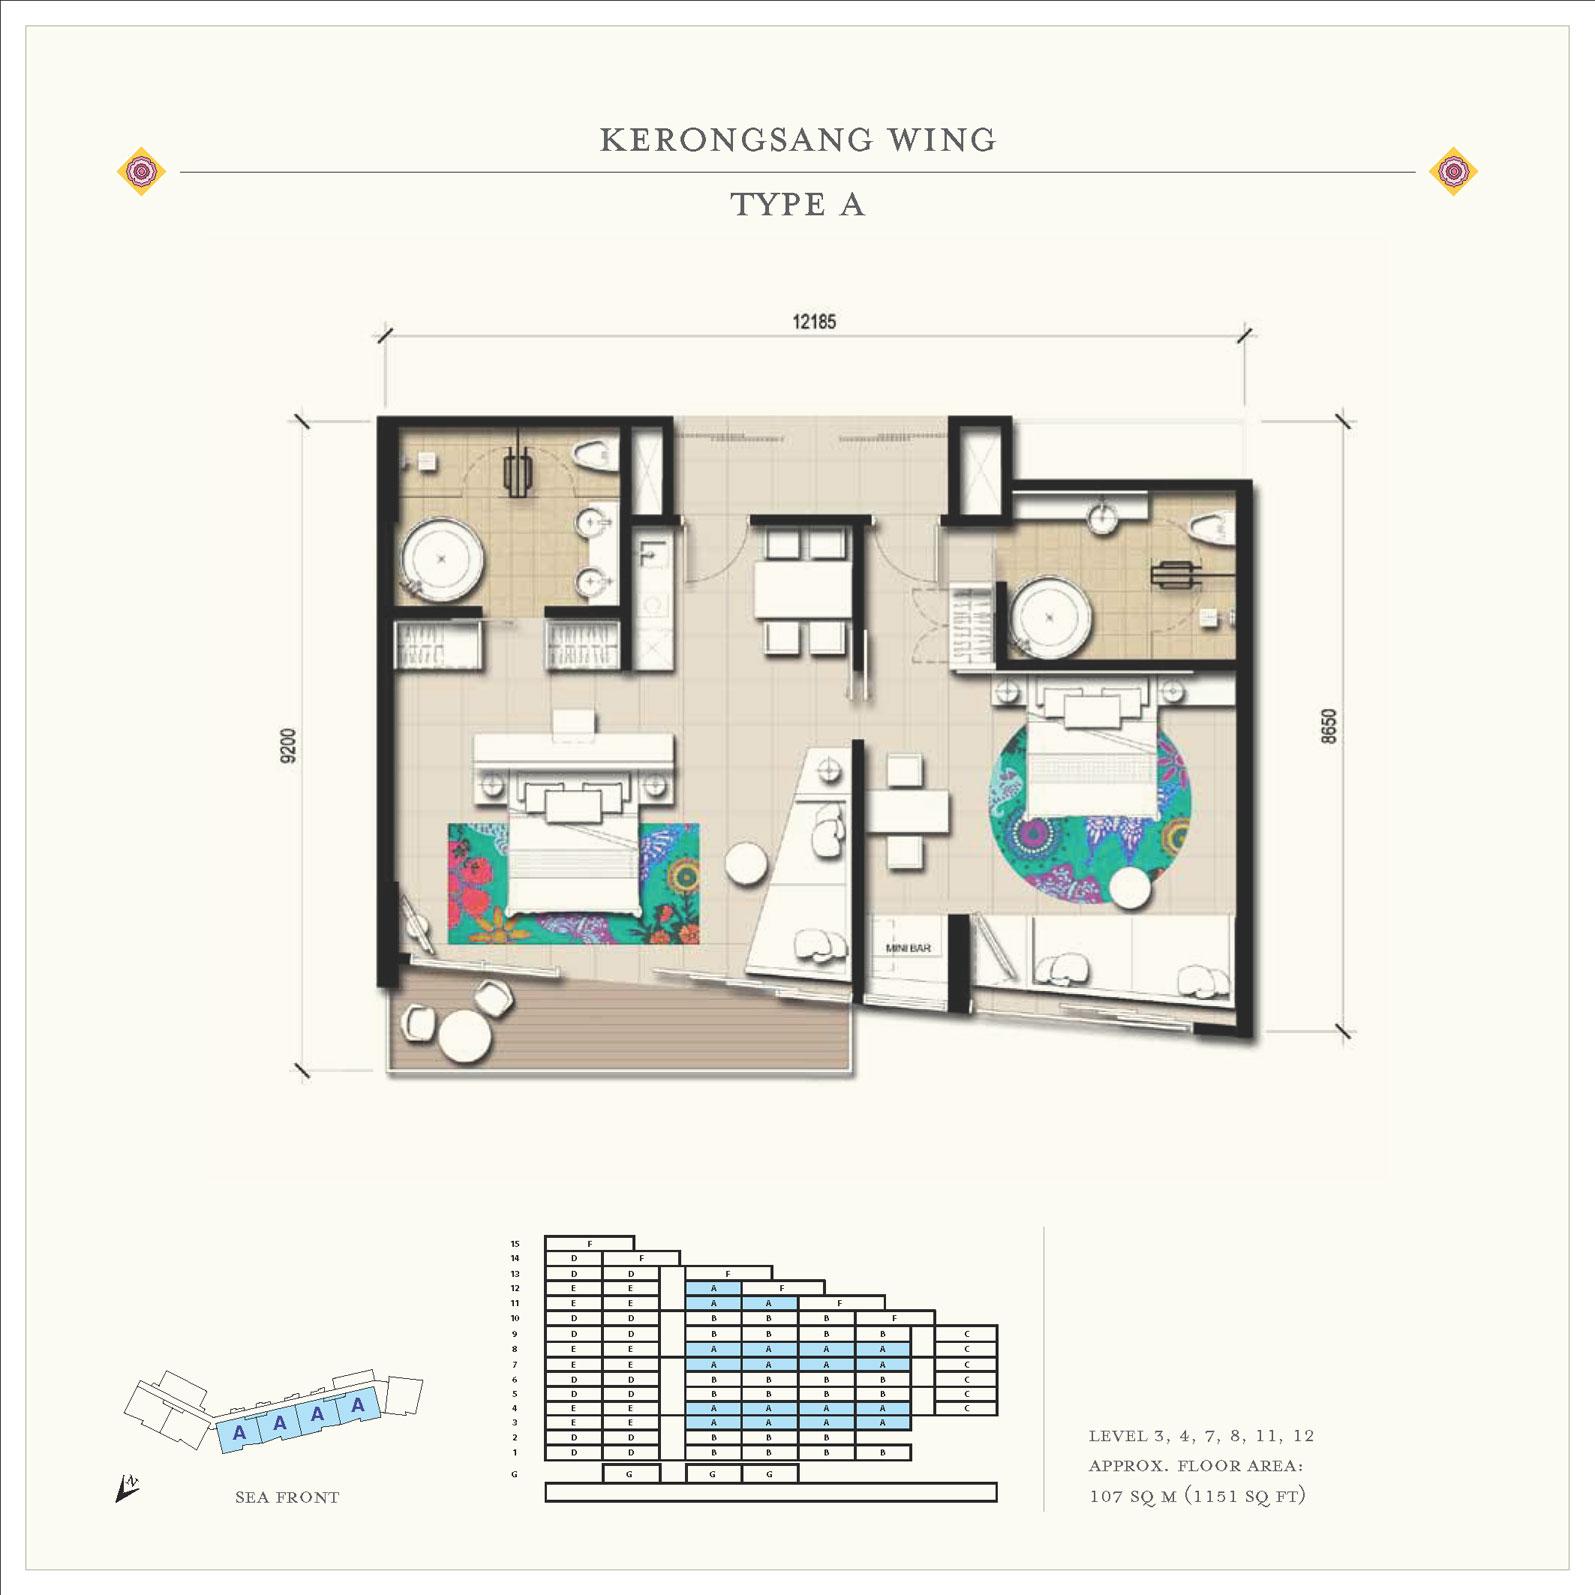 Banyan Tree Apartments: Penang Property Talk